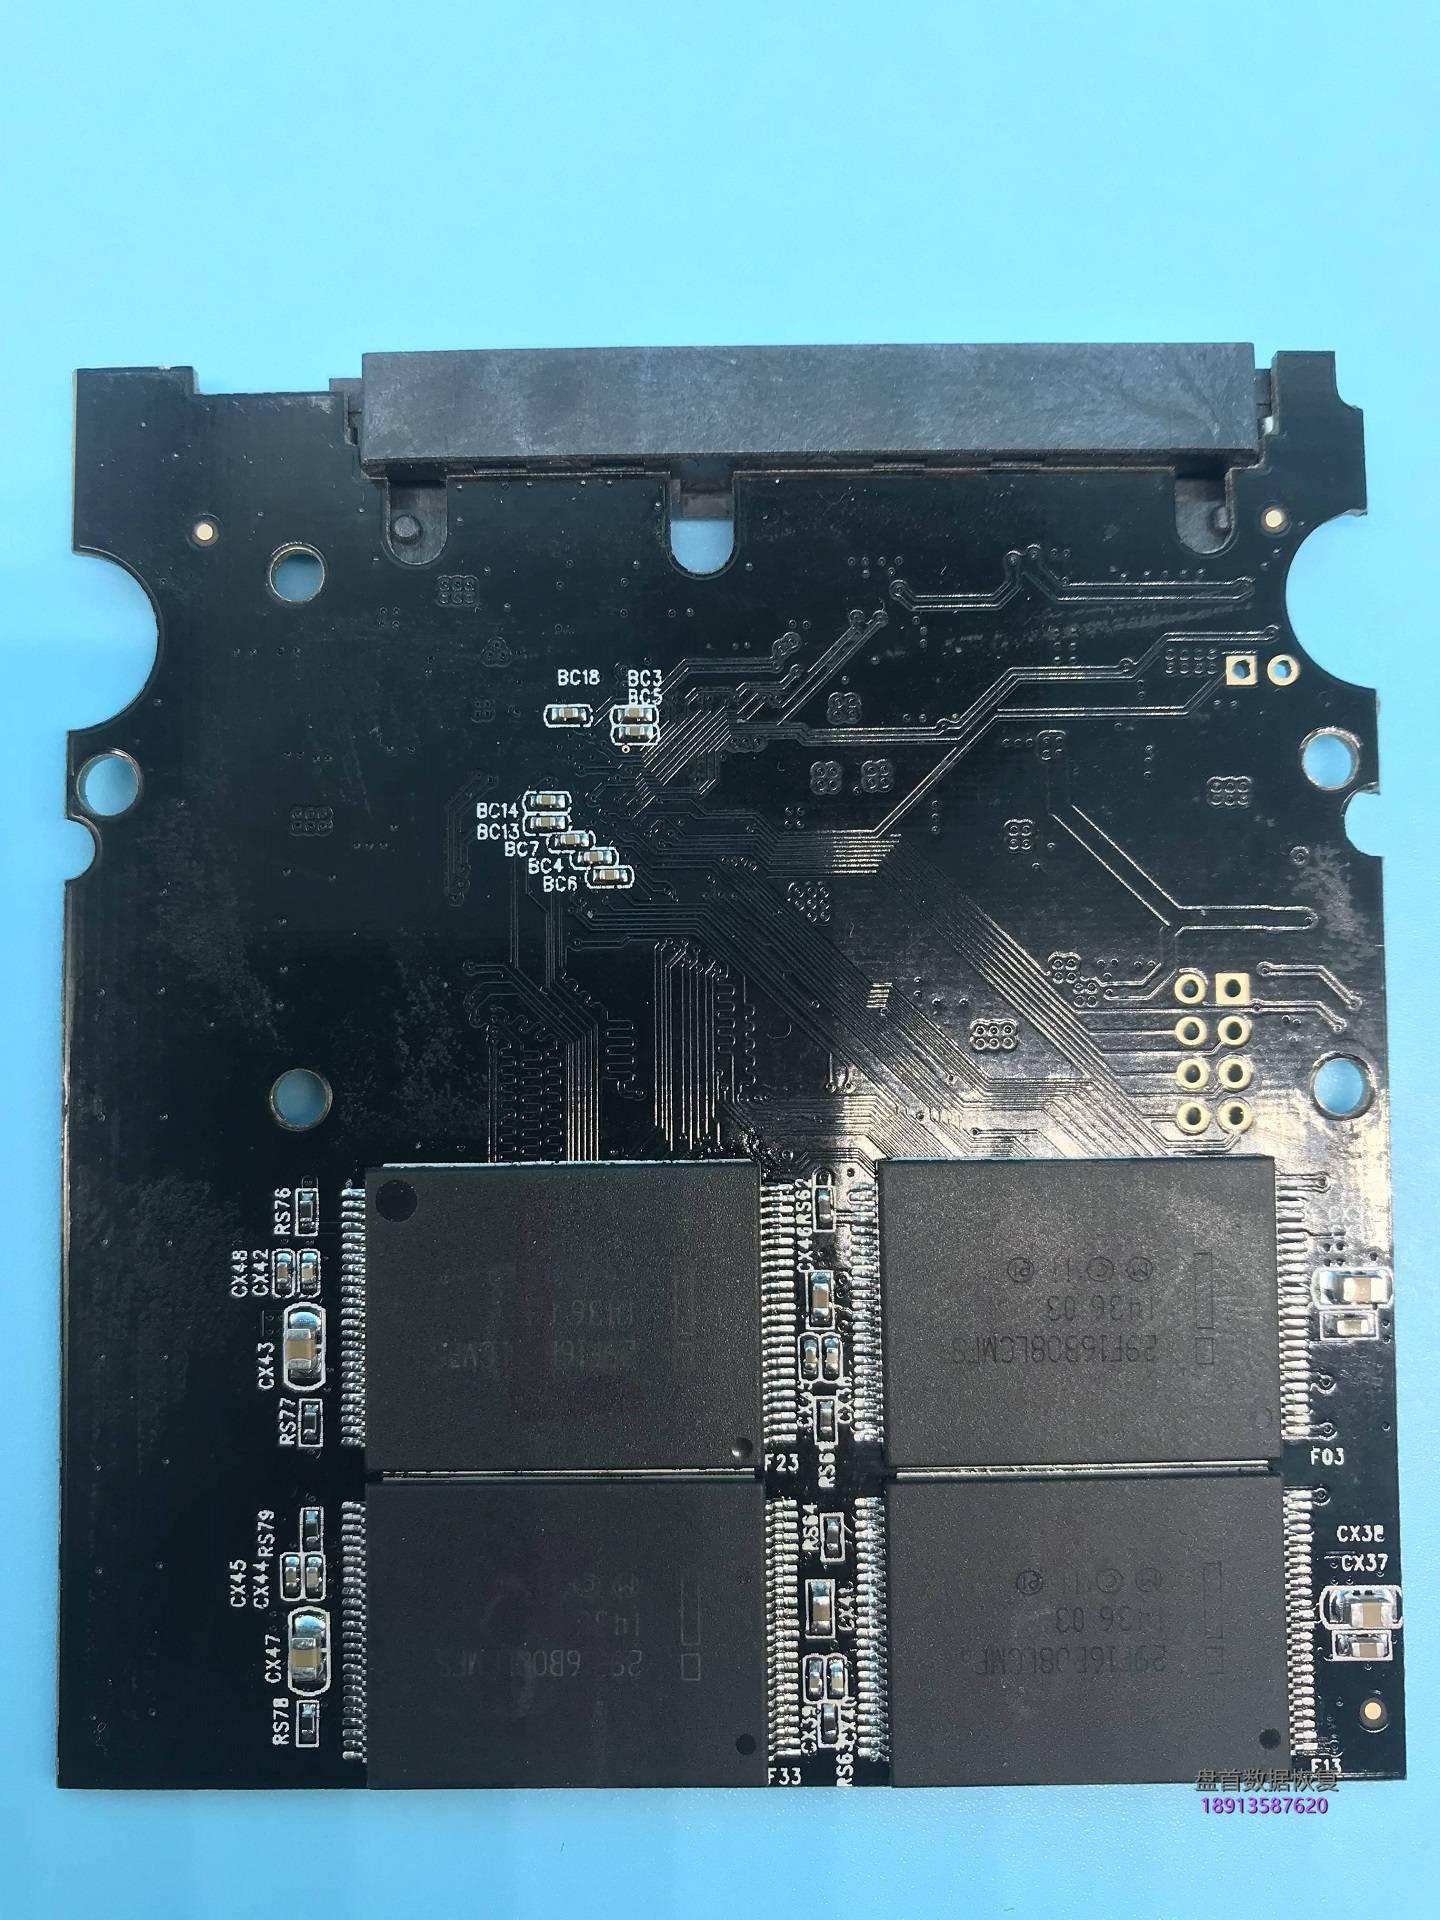 0-4 SM2246XT芯片级数据恢复操作SSD固态硬盘二次恢复BSY长忙掉盘不读盘不识别情况